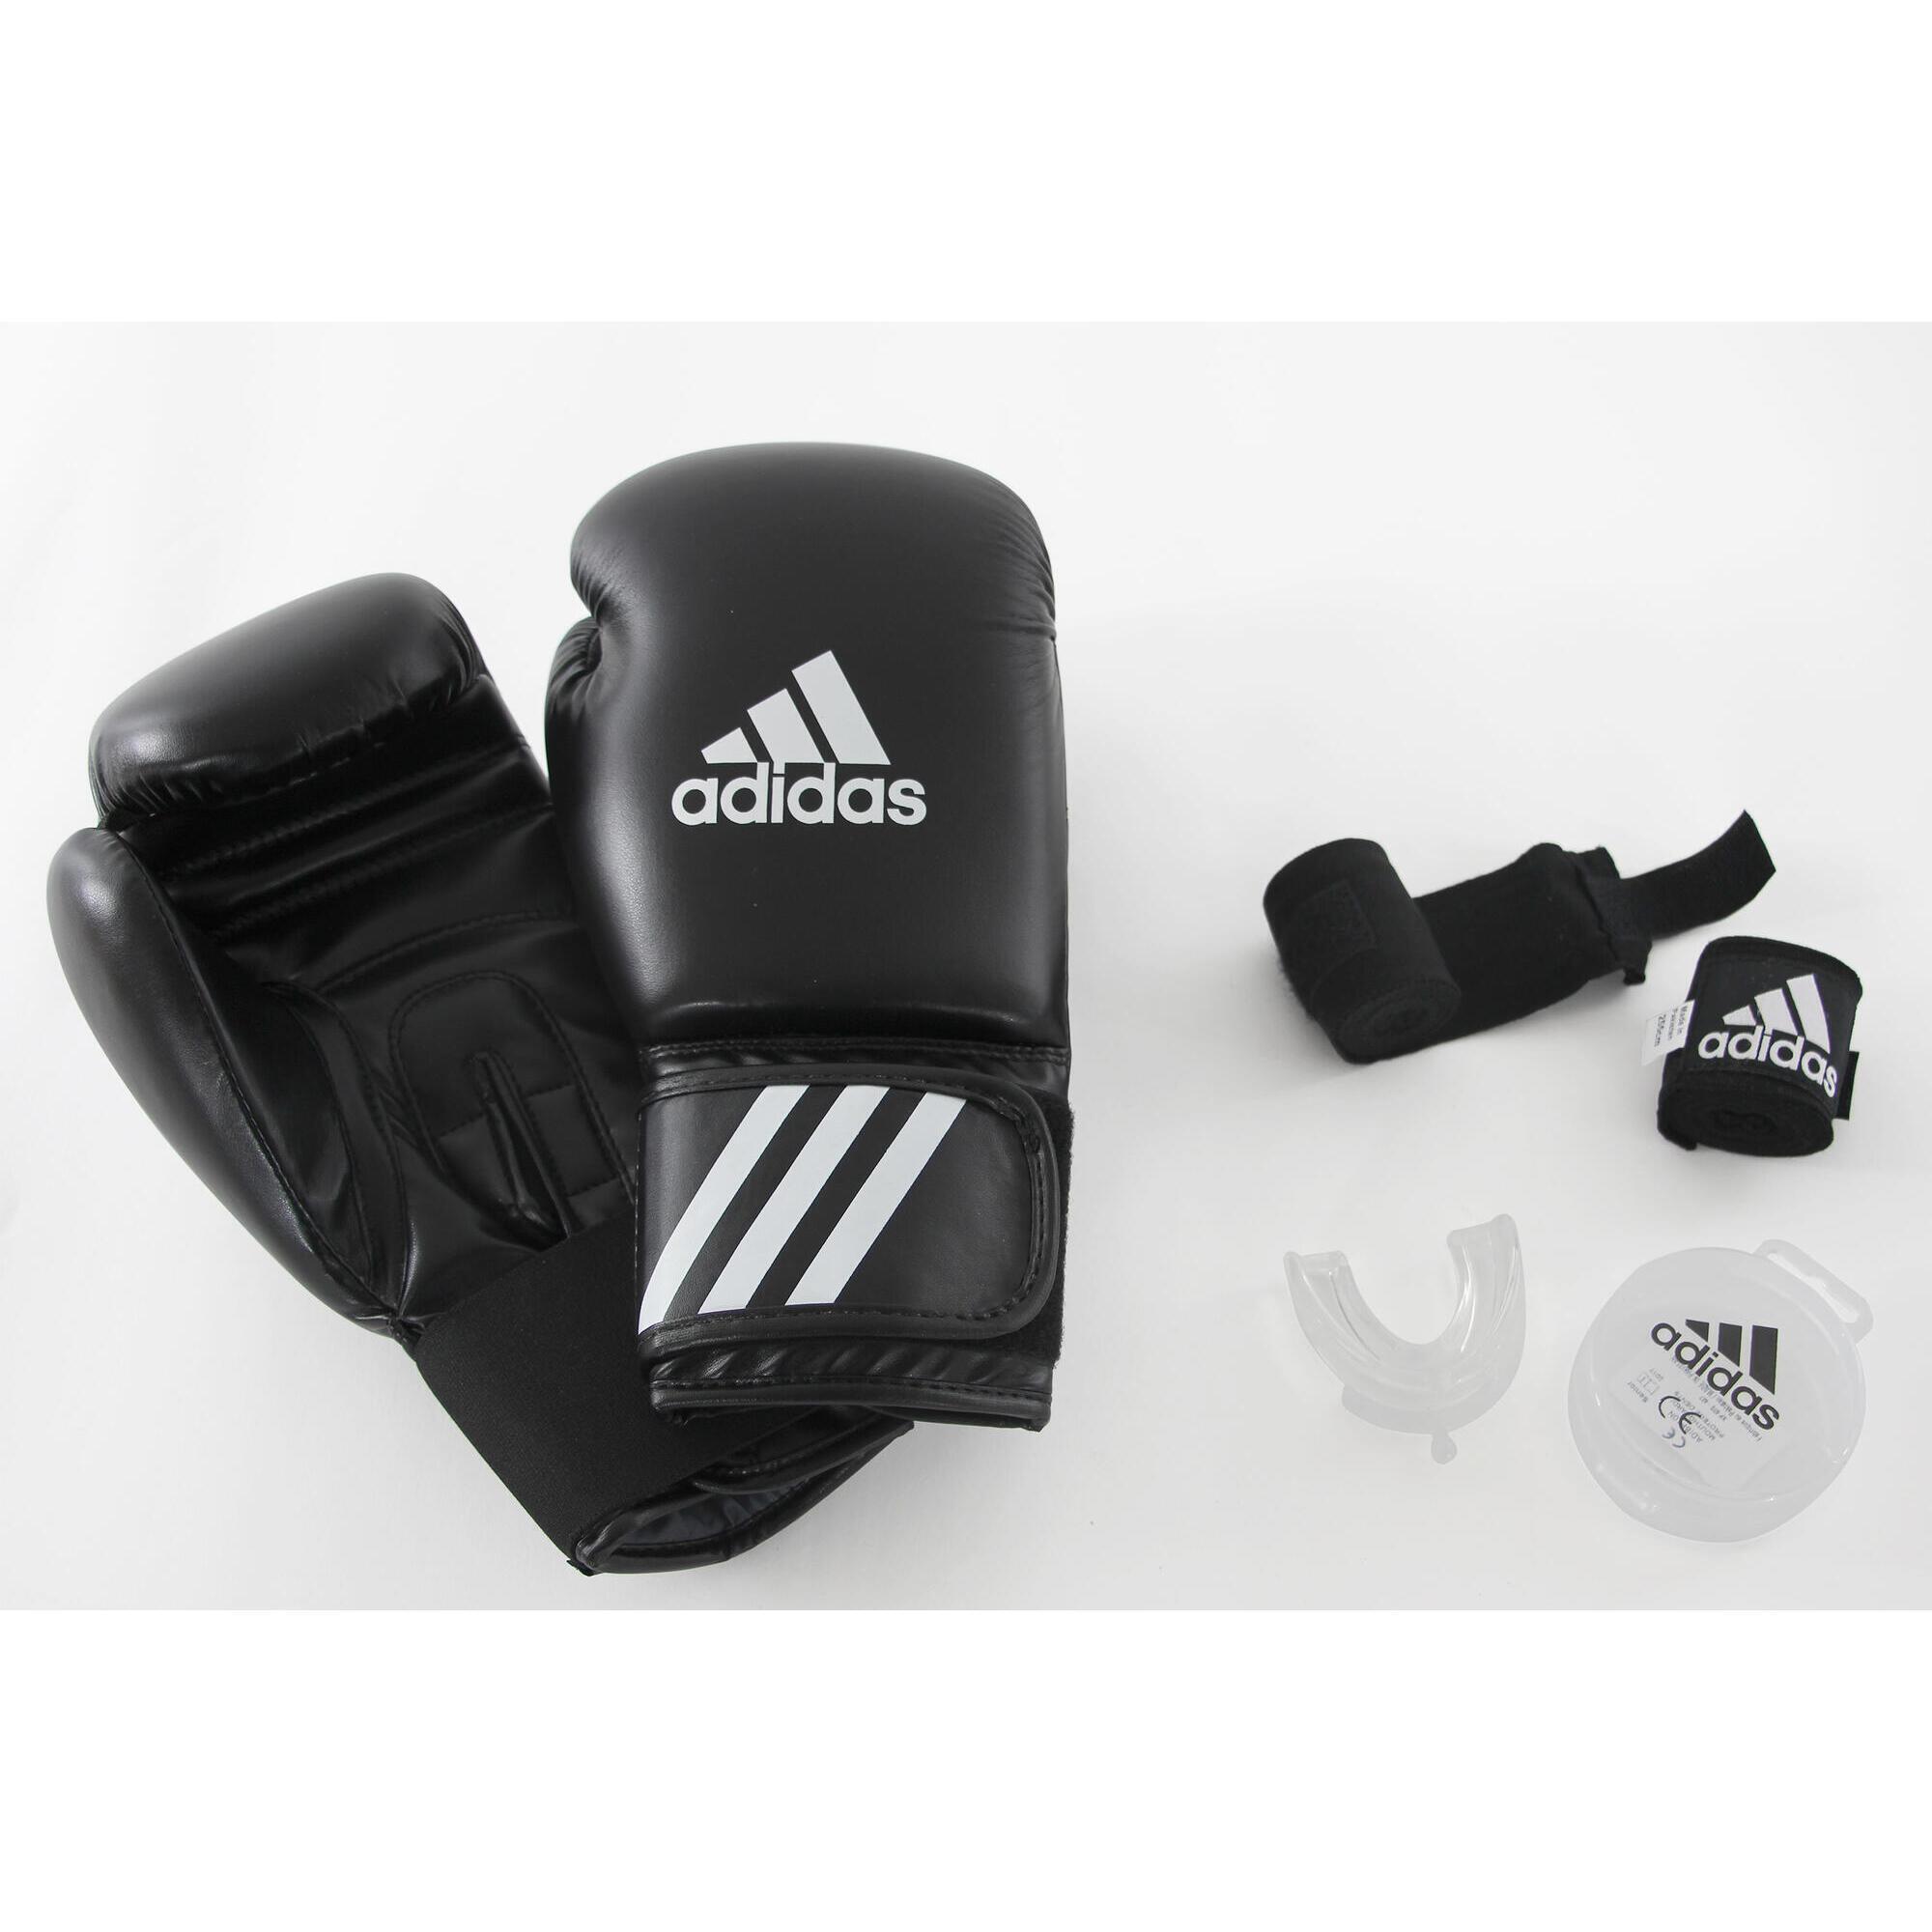 Box-Set Einsteiger Handschuhe Bandagen Mundschutz   Accessoires > Handschuhe   Adidas